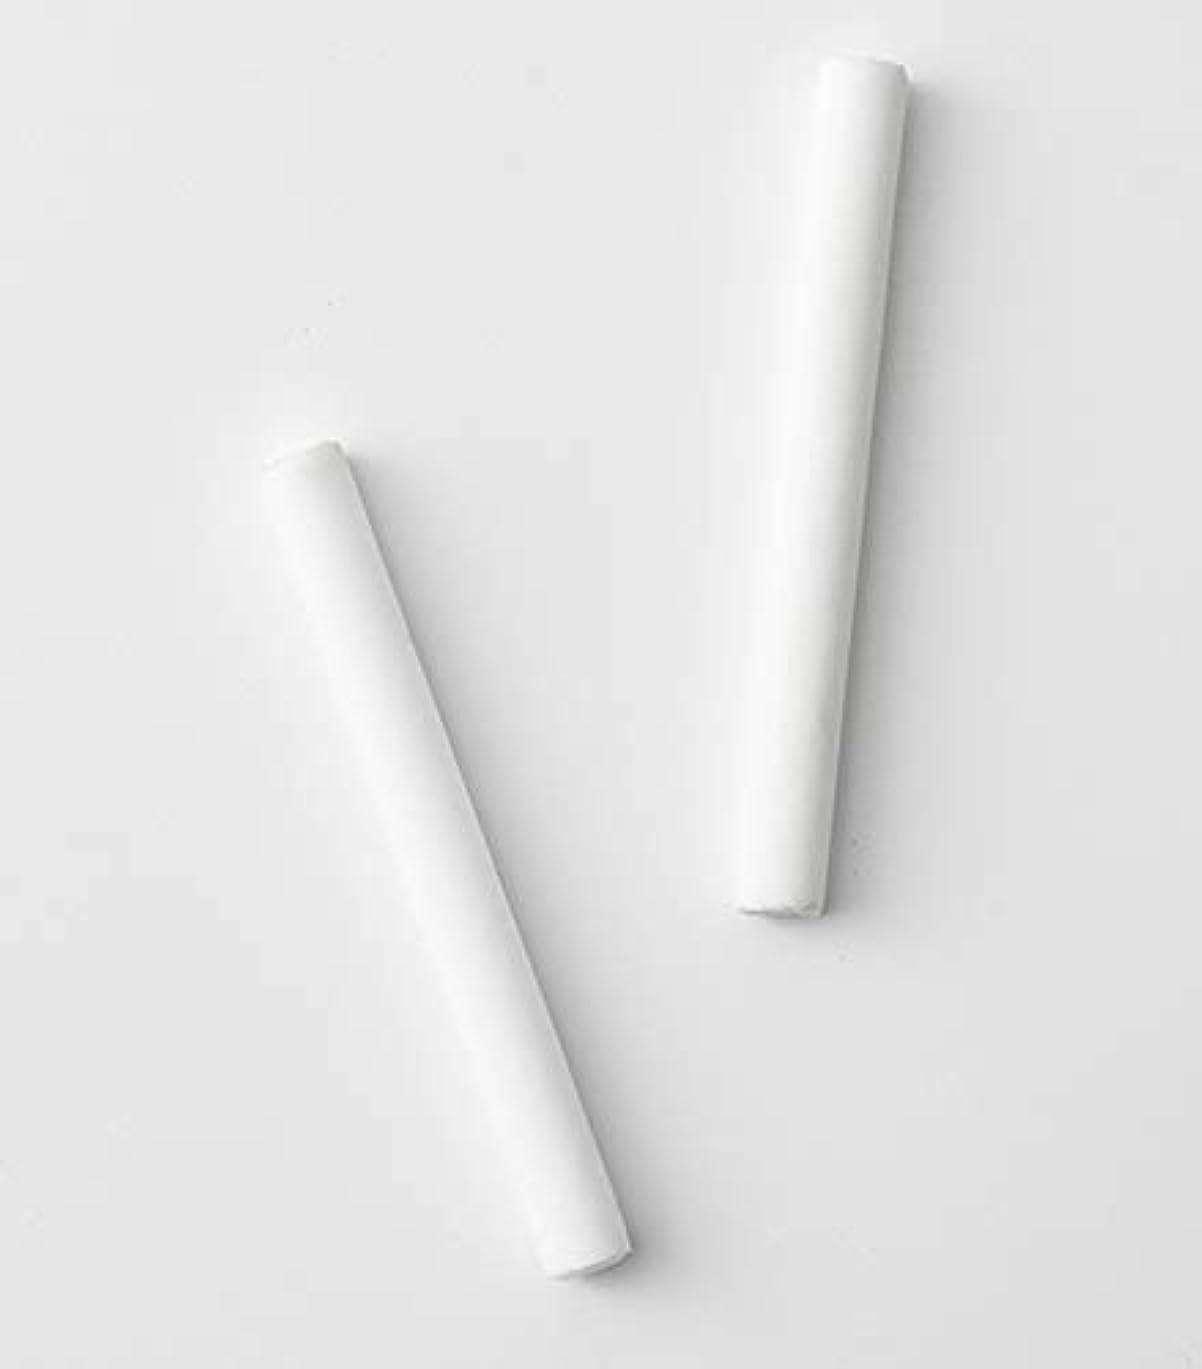 指定する彫刻家賭け生活の木 アロマクリップ 車用 替え芯2本 (シルバー・ゴールド共用)